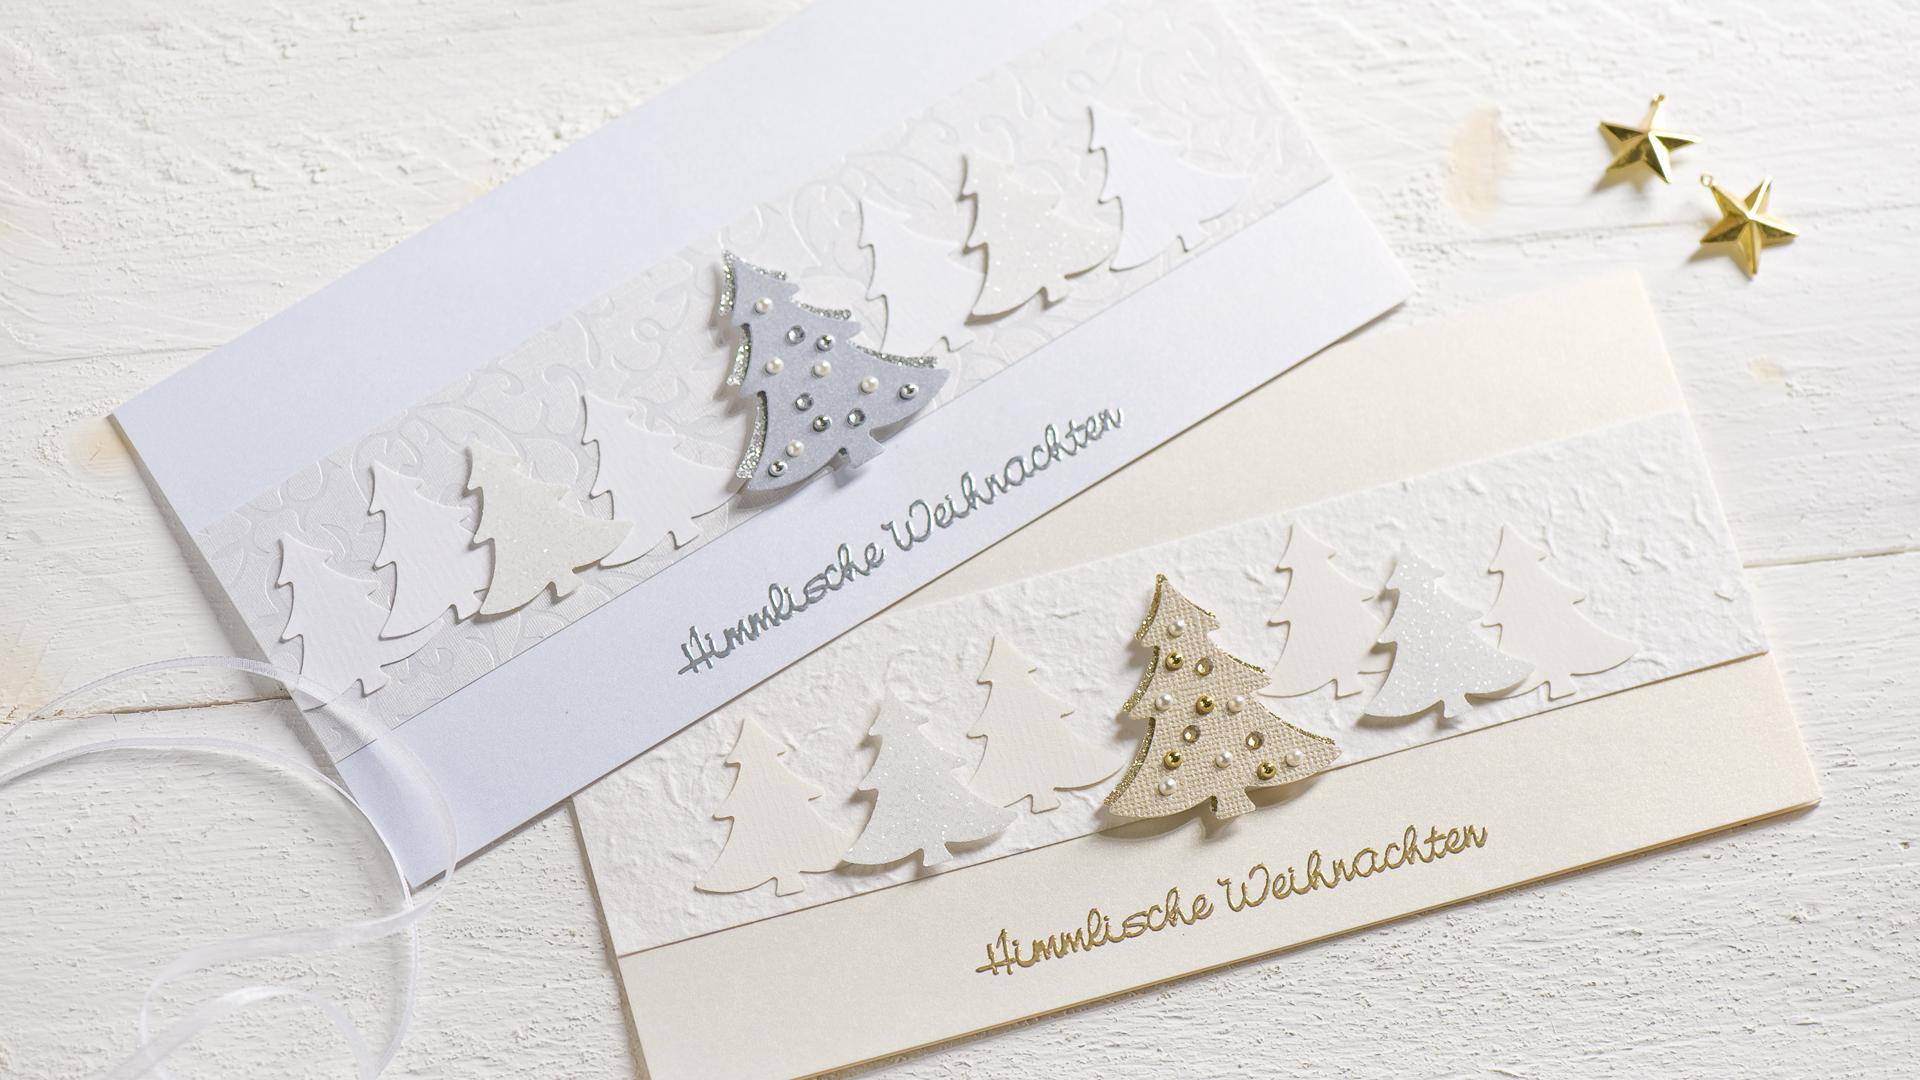 Ideen für die Weihnachtspost: Festlicher Glanz